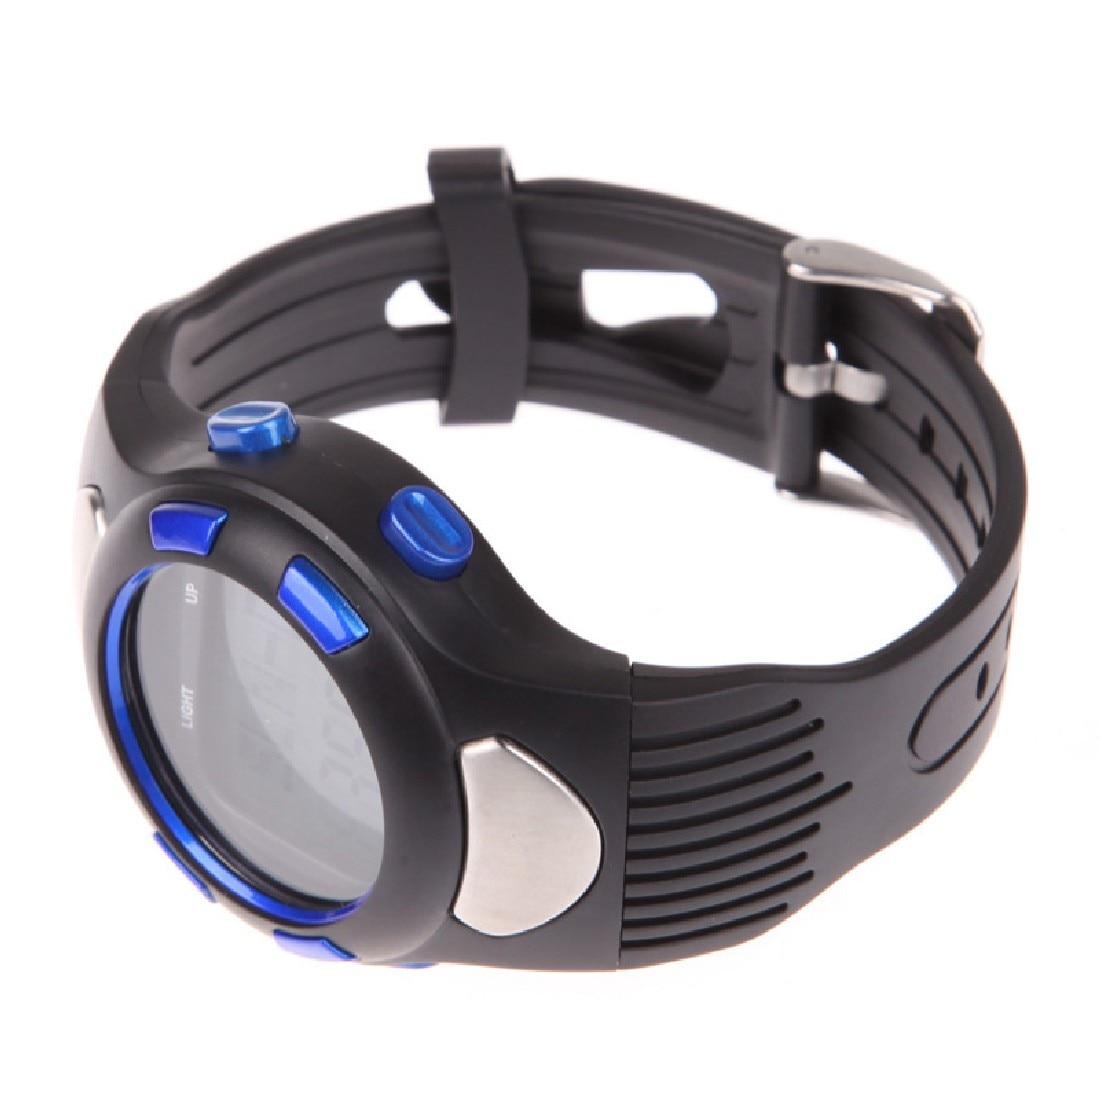 Одежда высшего качества 3D Шагомер монитор сердечного ритма наручные часы для бега Фитнес с Подсветка синий